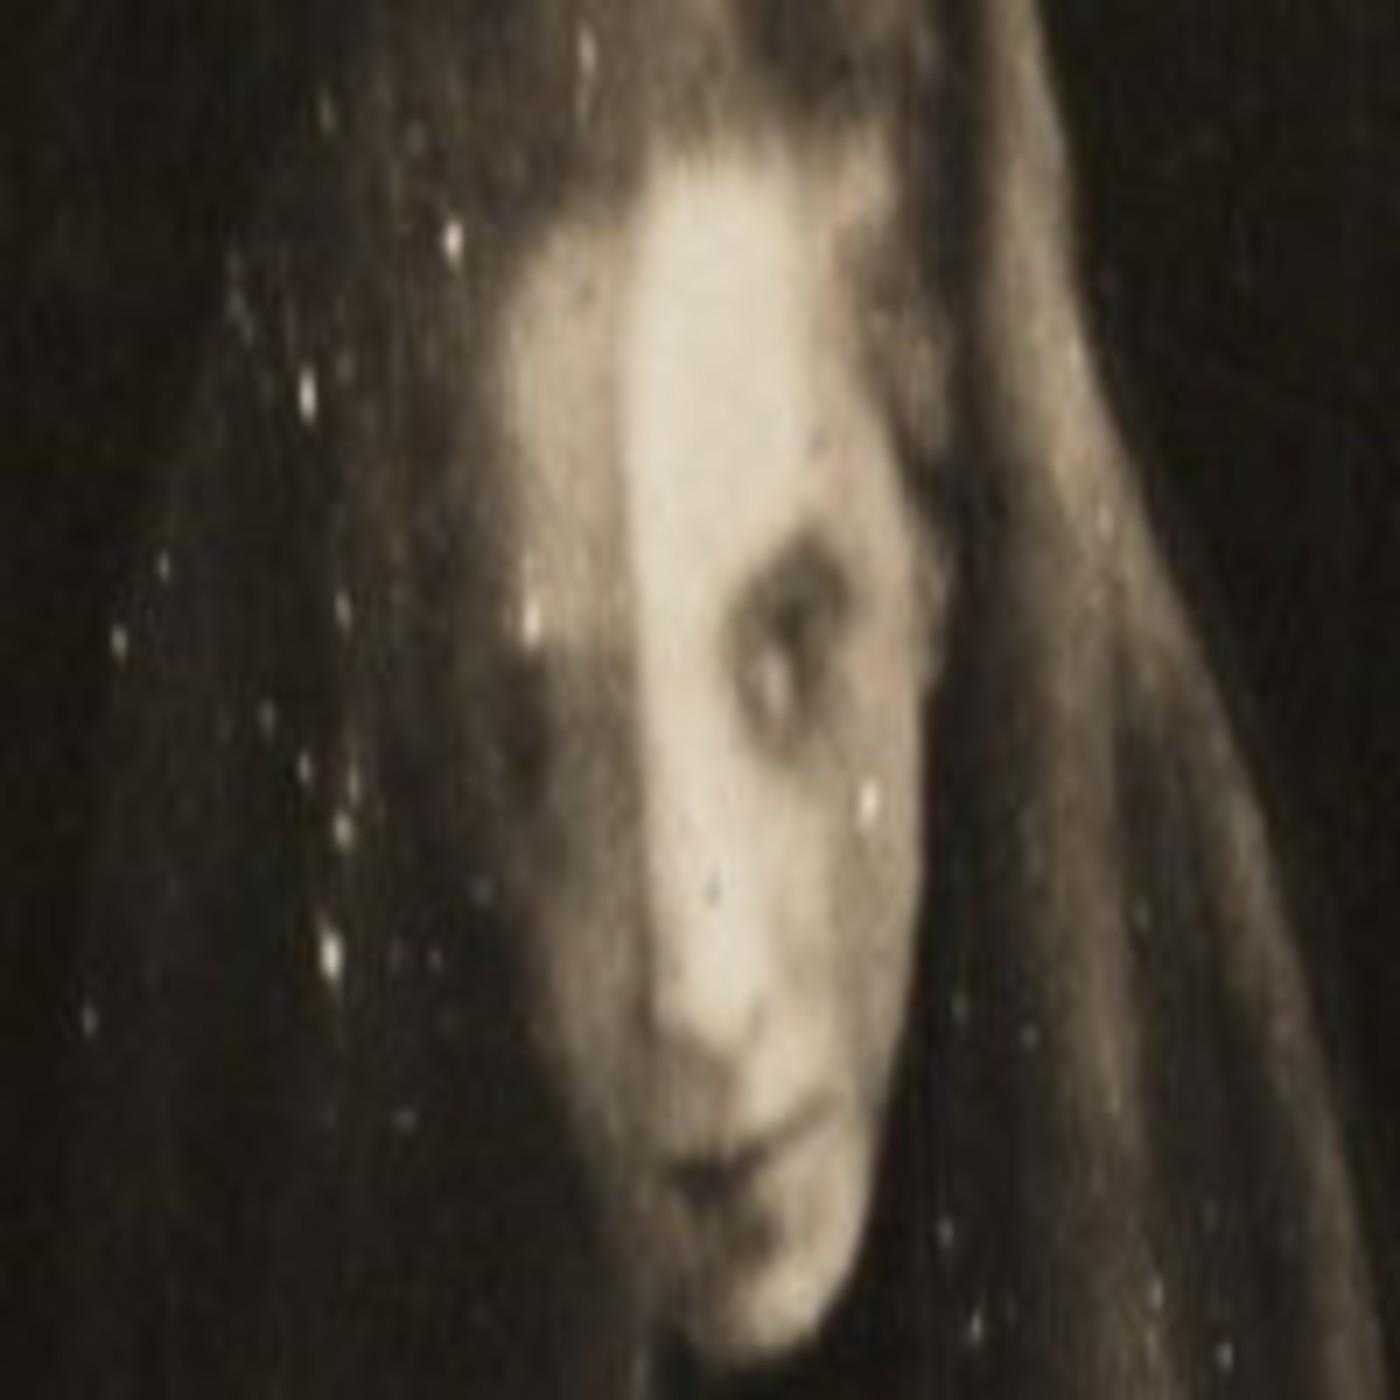 Especial Cuarto Milenio: Fantasmas en Misterios en mp3(20/11 a las ...